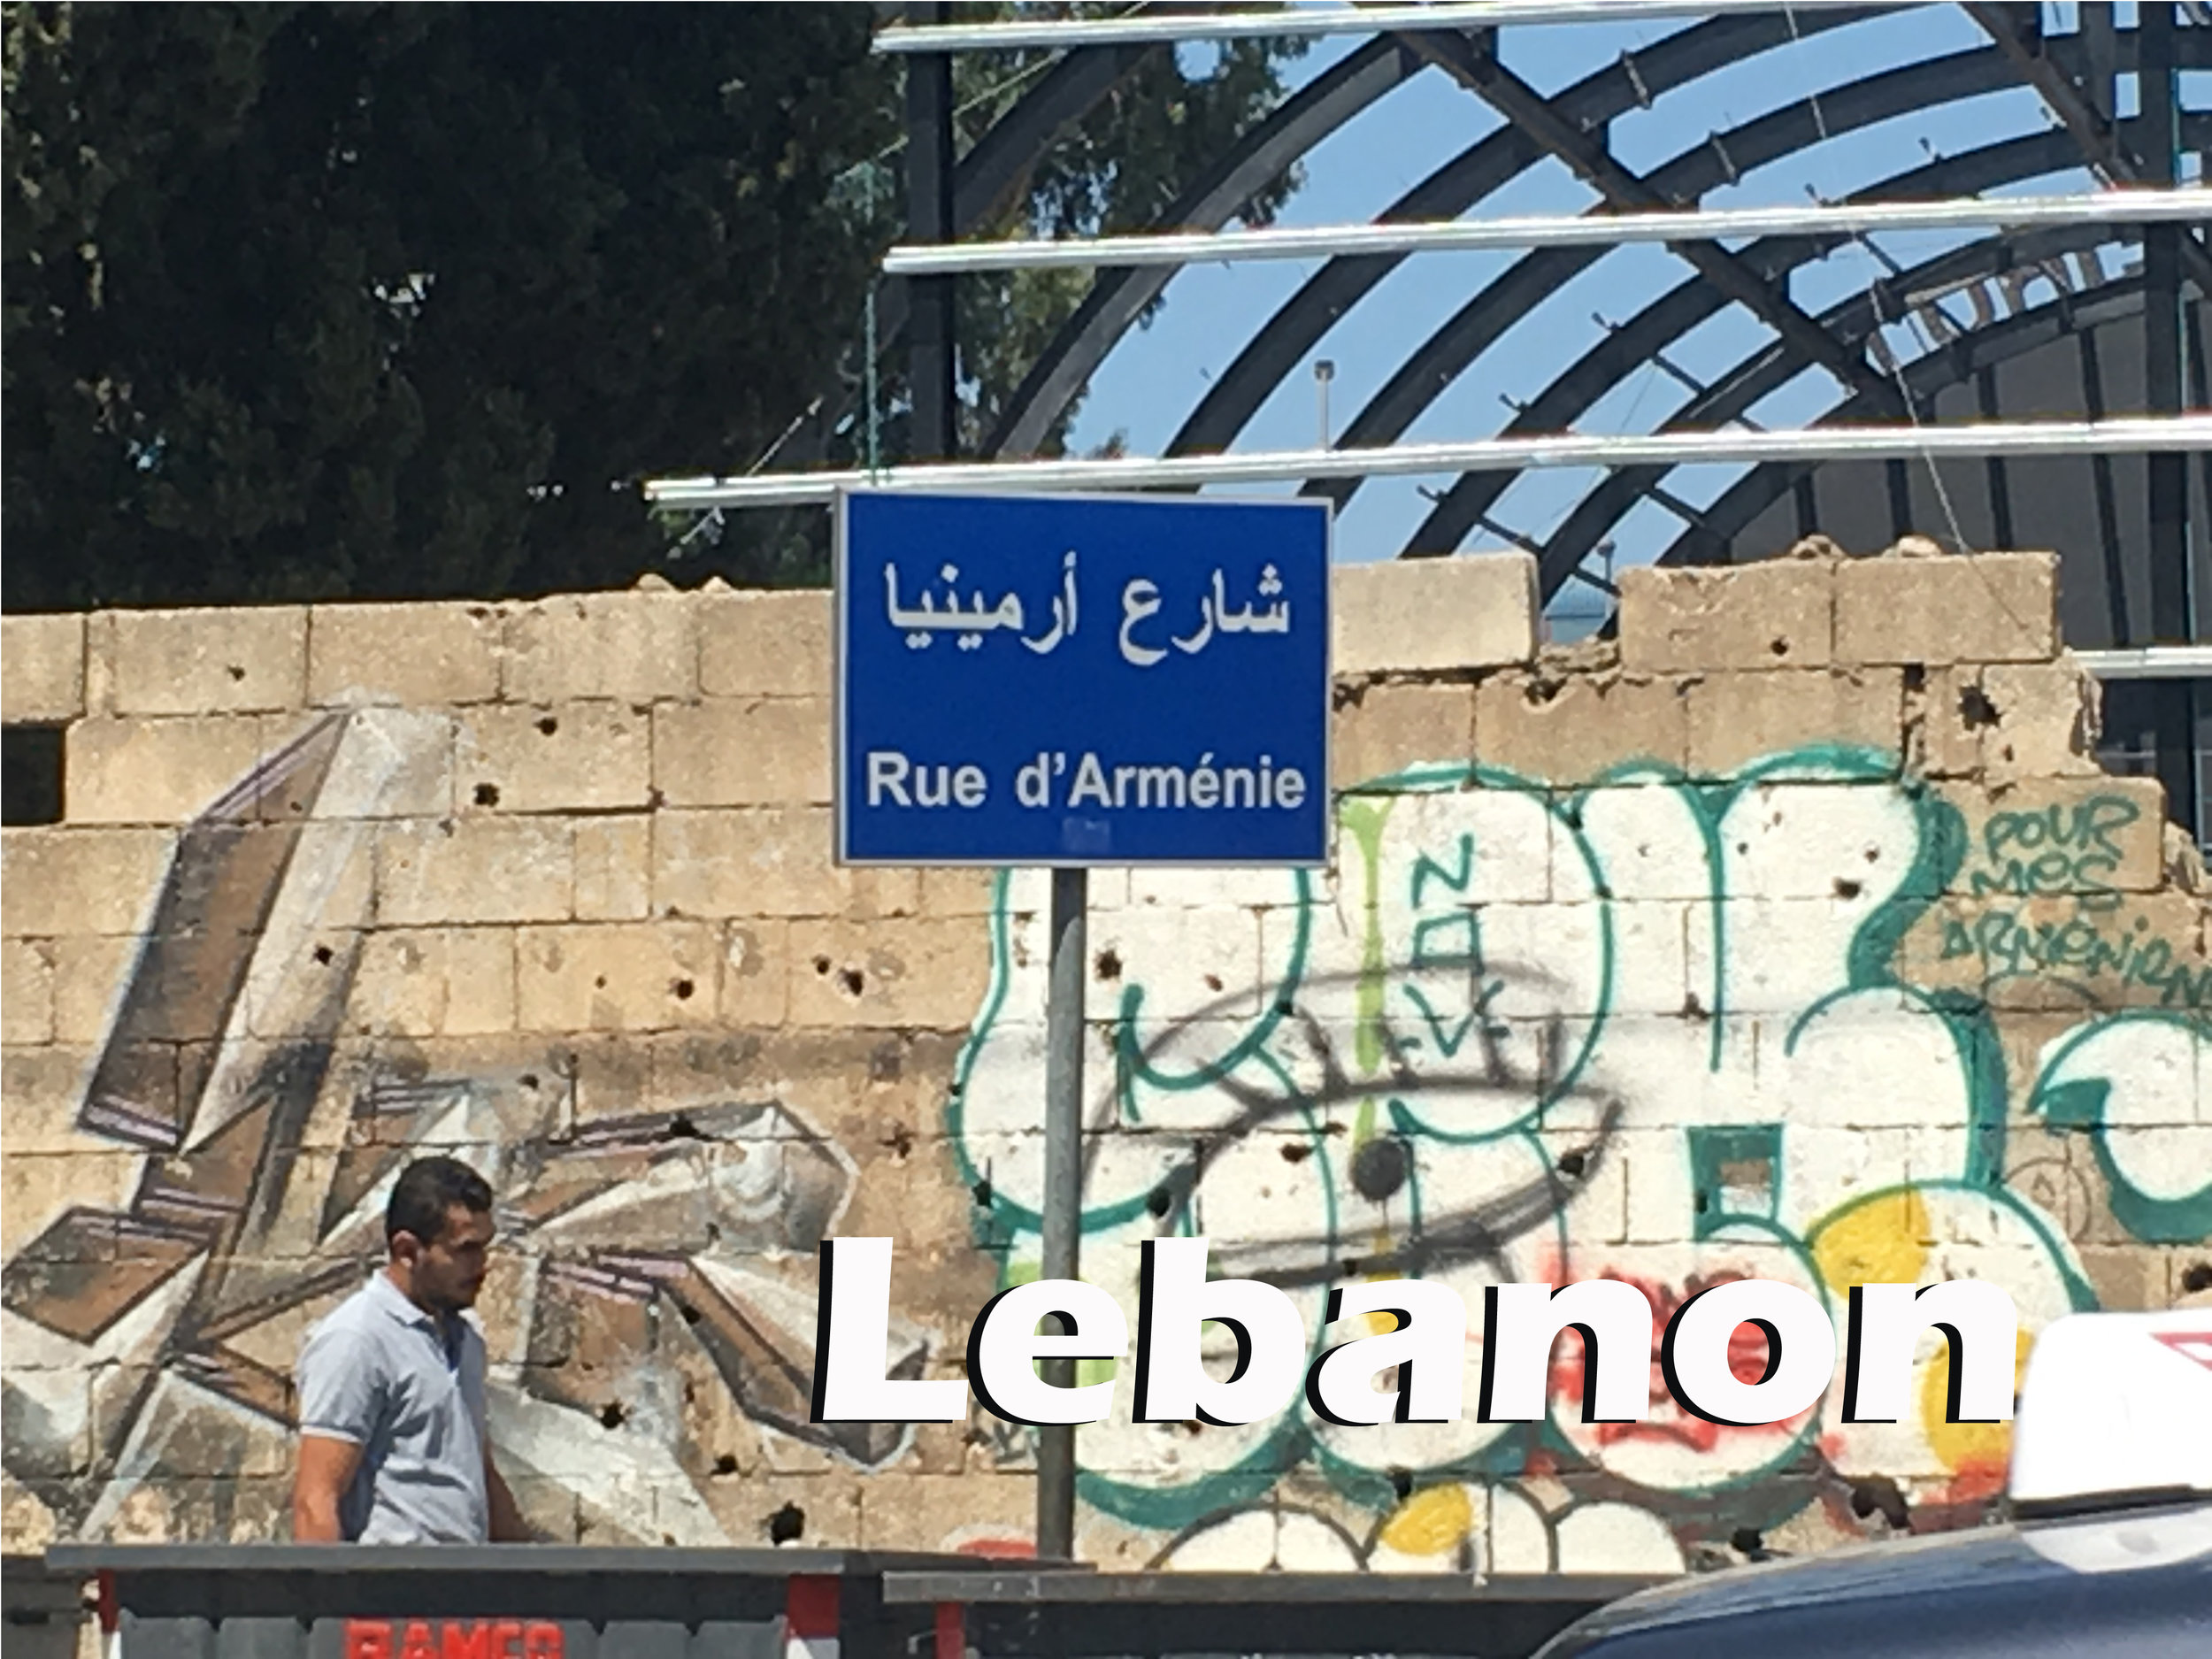 Beirut. Photo Credit: Hratch Tchilingirian